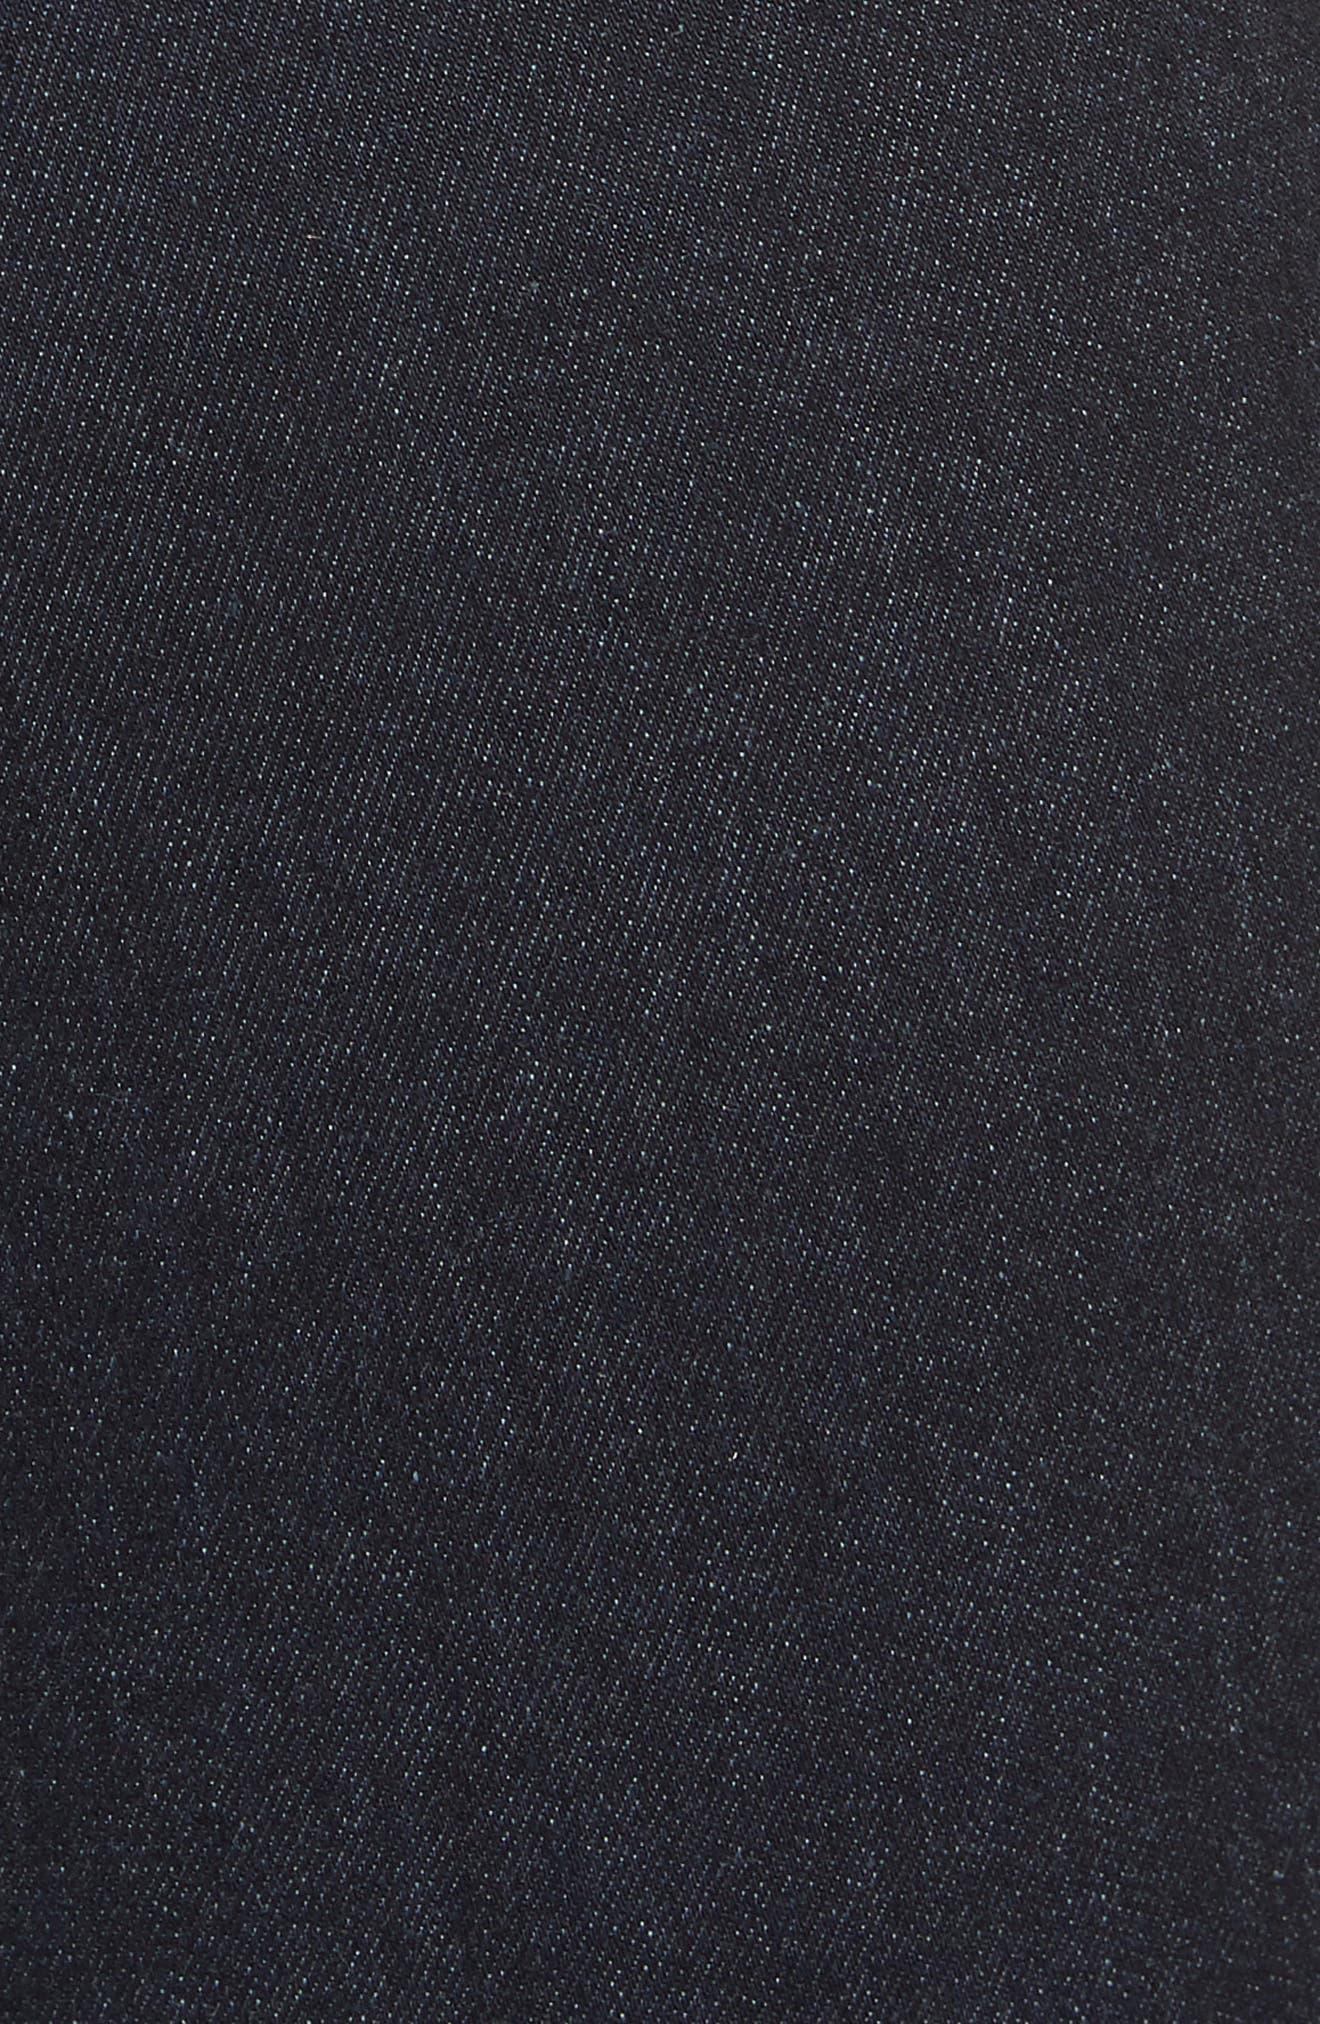 Margot High Waist Crop Jeans,                             Alternate thumbnail 6, color,                             MIDNIGHT